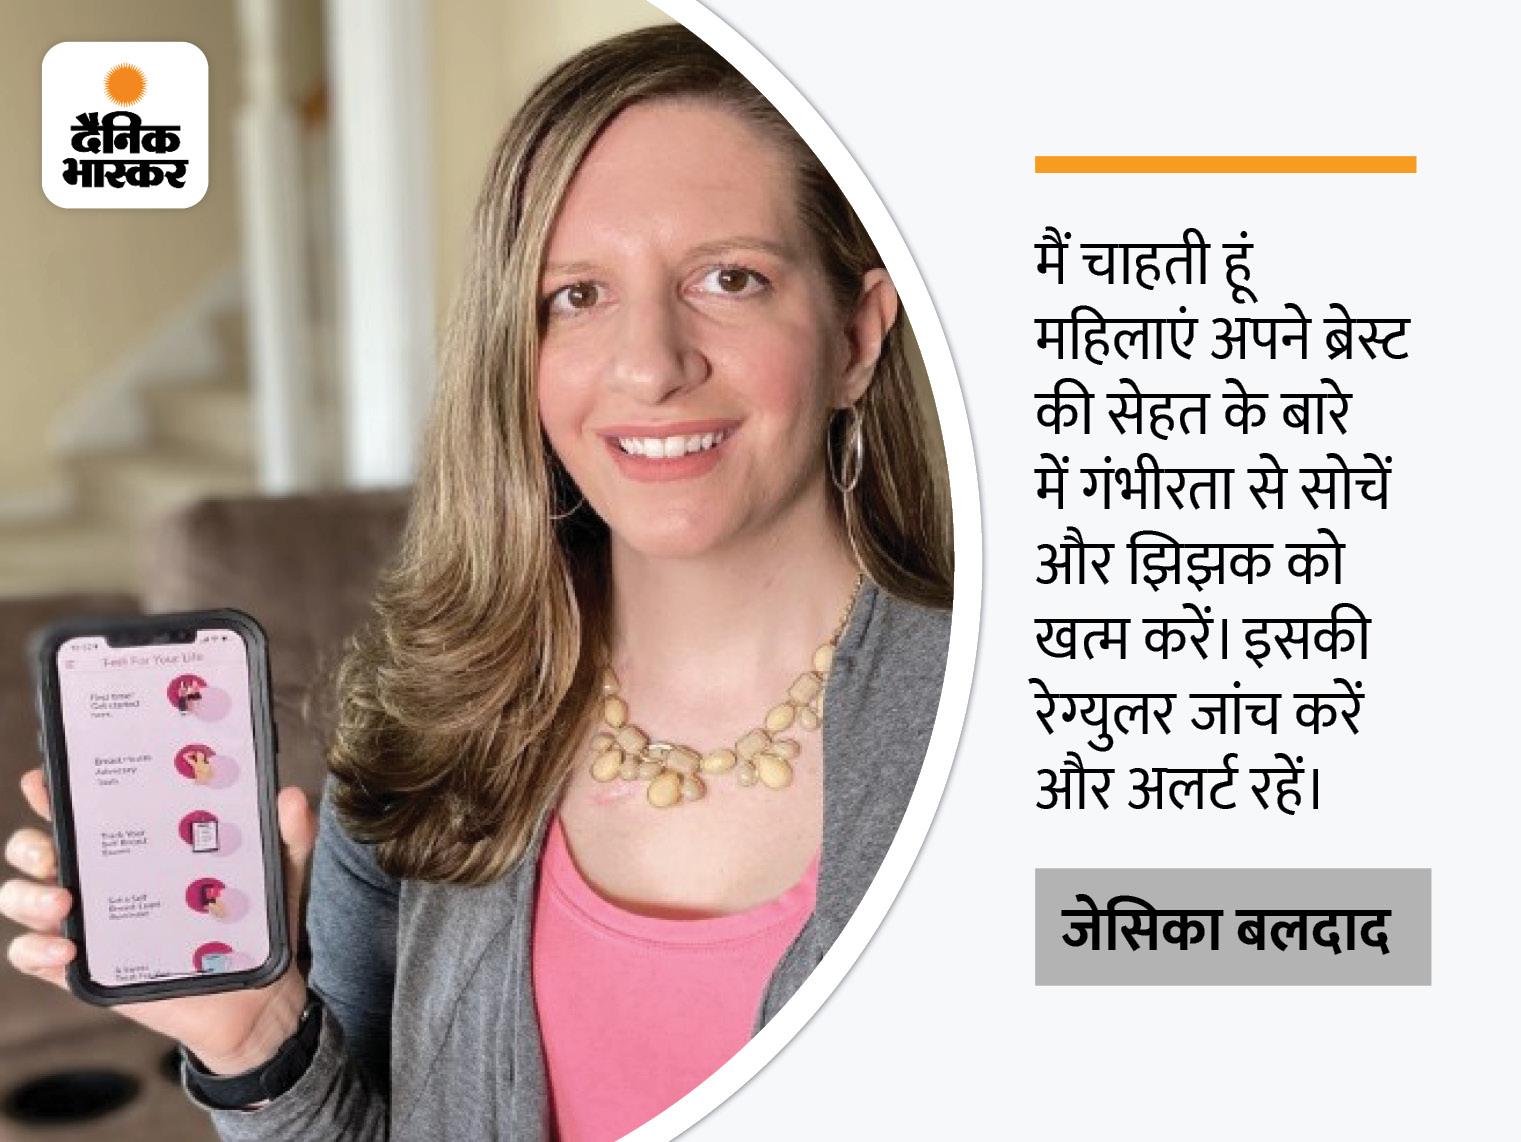 ब्रेस्ट कैंसर को मात देने वाली 36 साल की जेसिका ने विकसित की इस बीमारी का पता लगाने वाली ऐप, दुनियाभर में मिल रही तारीफ; जानिए महिला की आपबीती|लाइफ & साइंस,Happy Life - Dainik Bhaskar